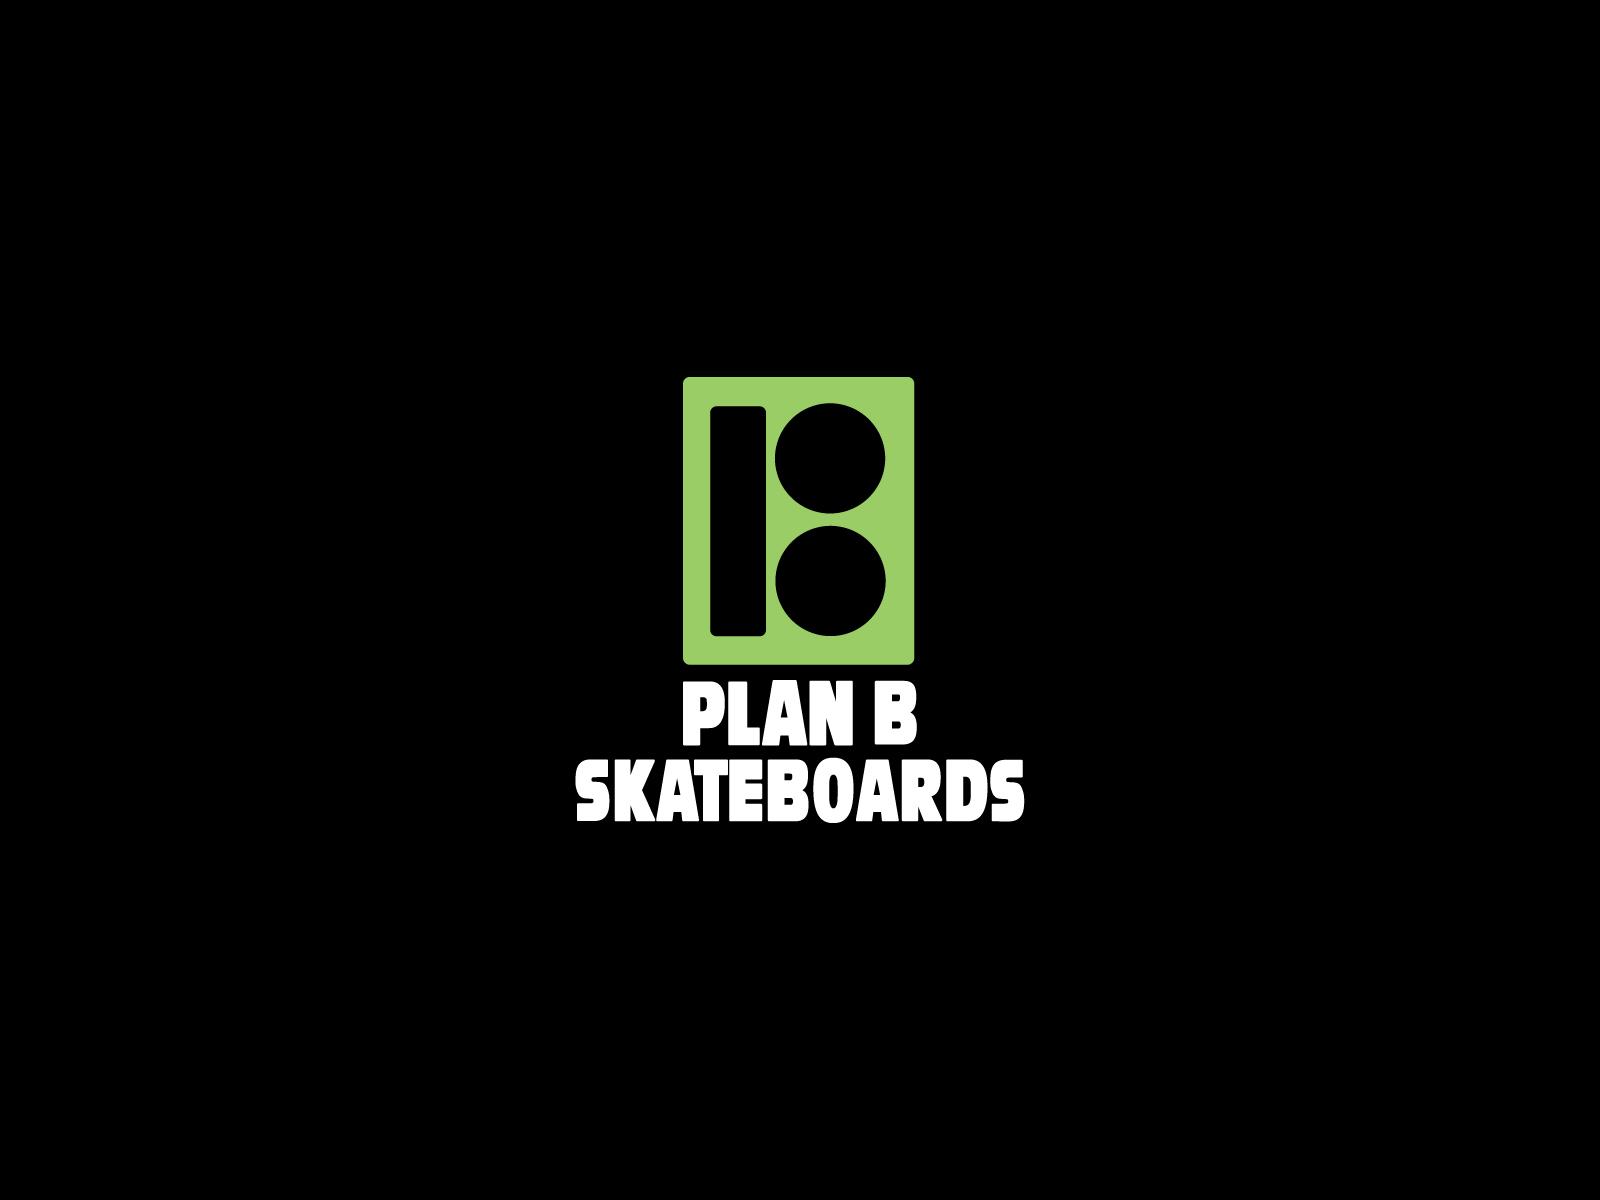 Girl Skateboards Wallpaper Skateboarding Logos Skateboarding Wallpapers Skateboard